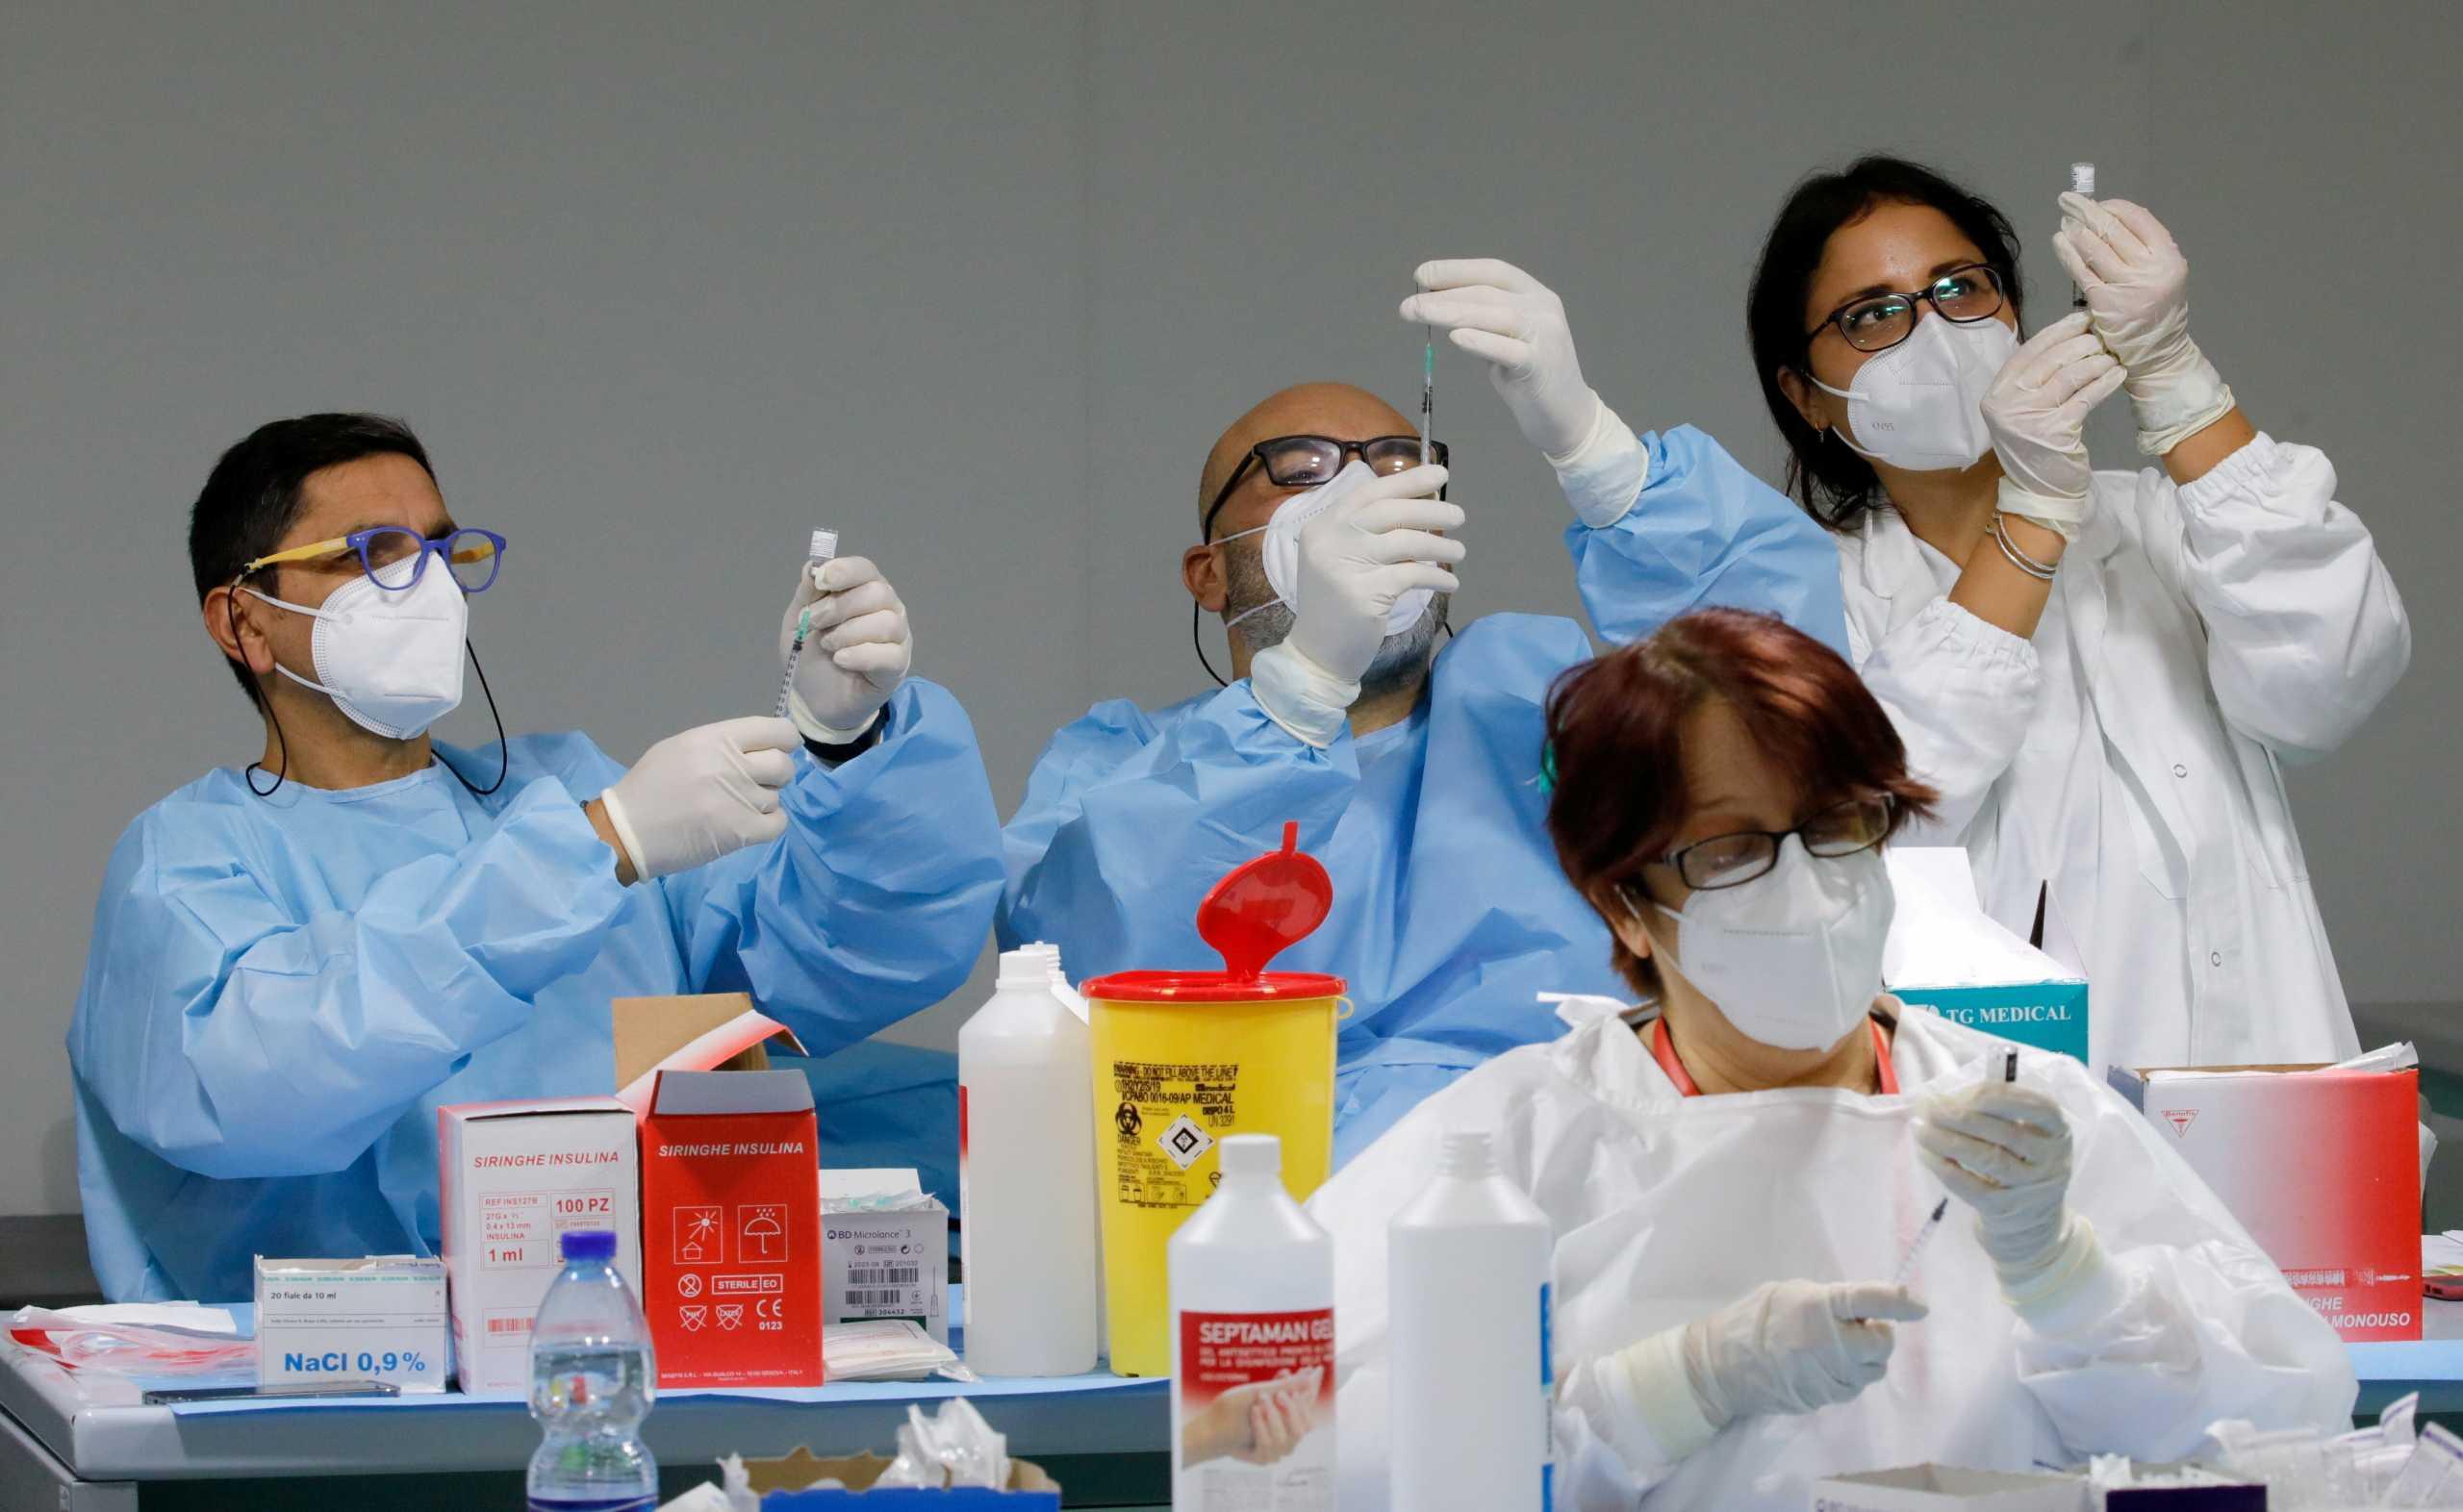 Κορονοϊός – Ιταλία: Αποσύρθηκε παρτίδα εμβολίων μετά από θάνατο – Υποψίες ότι δεν συντηρήθηκαν καλά